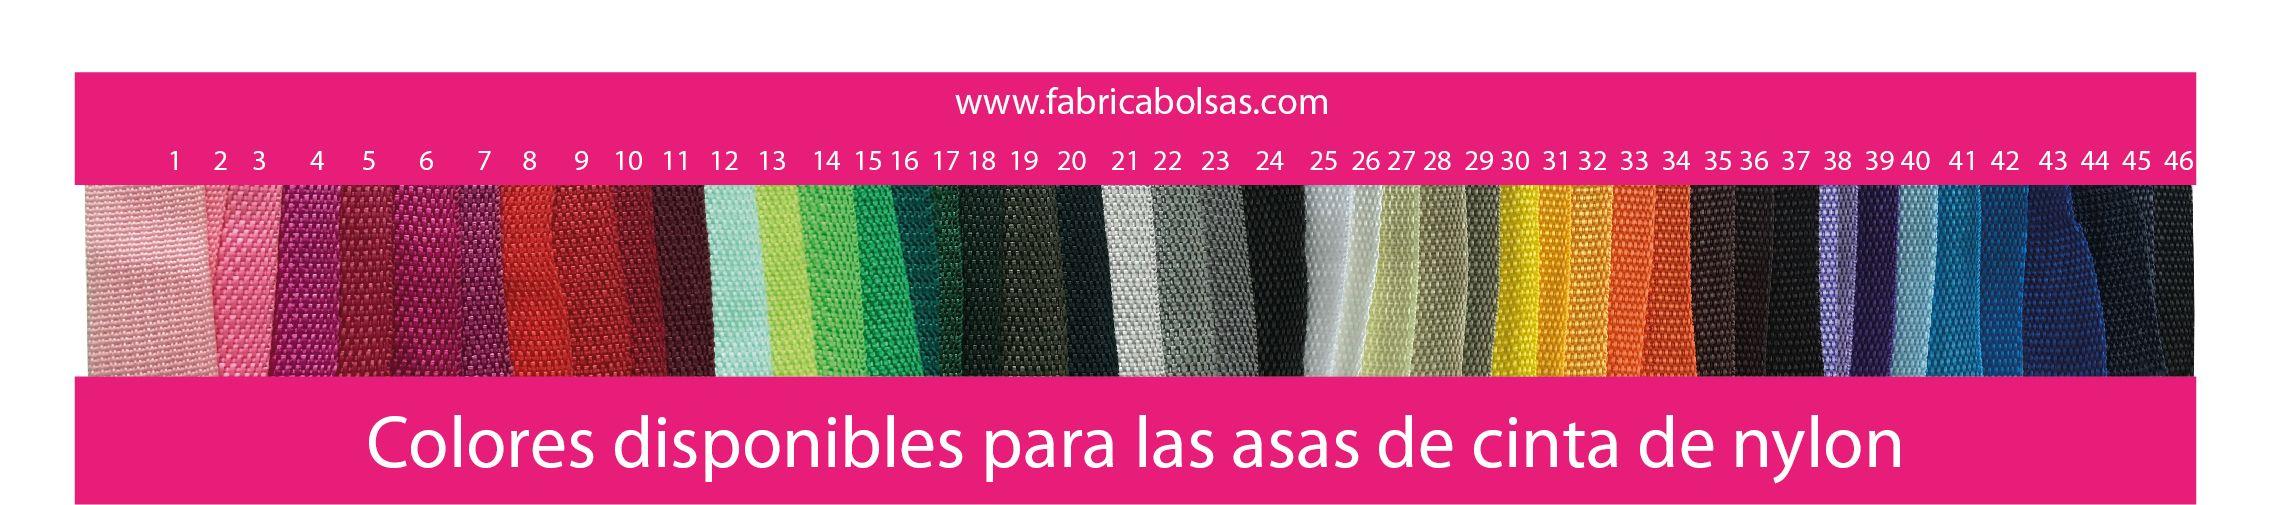 colores cinta de nylon asas bolsas de rafia